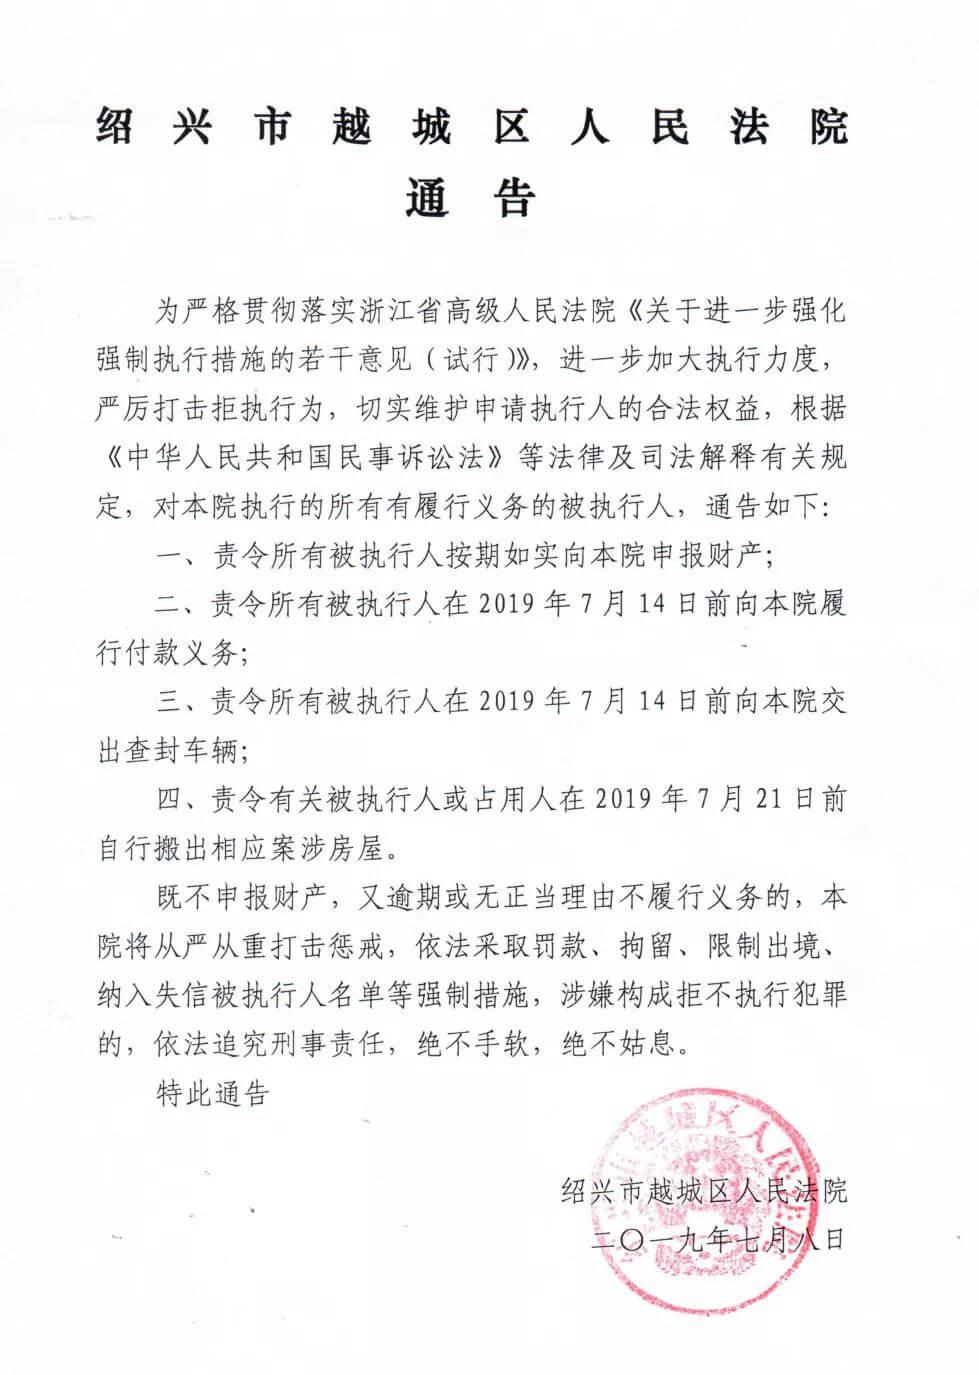 """绍兴市越城区人民法院发布""""执行通告令"""""""